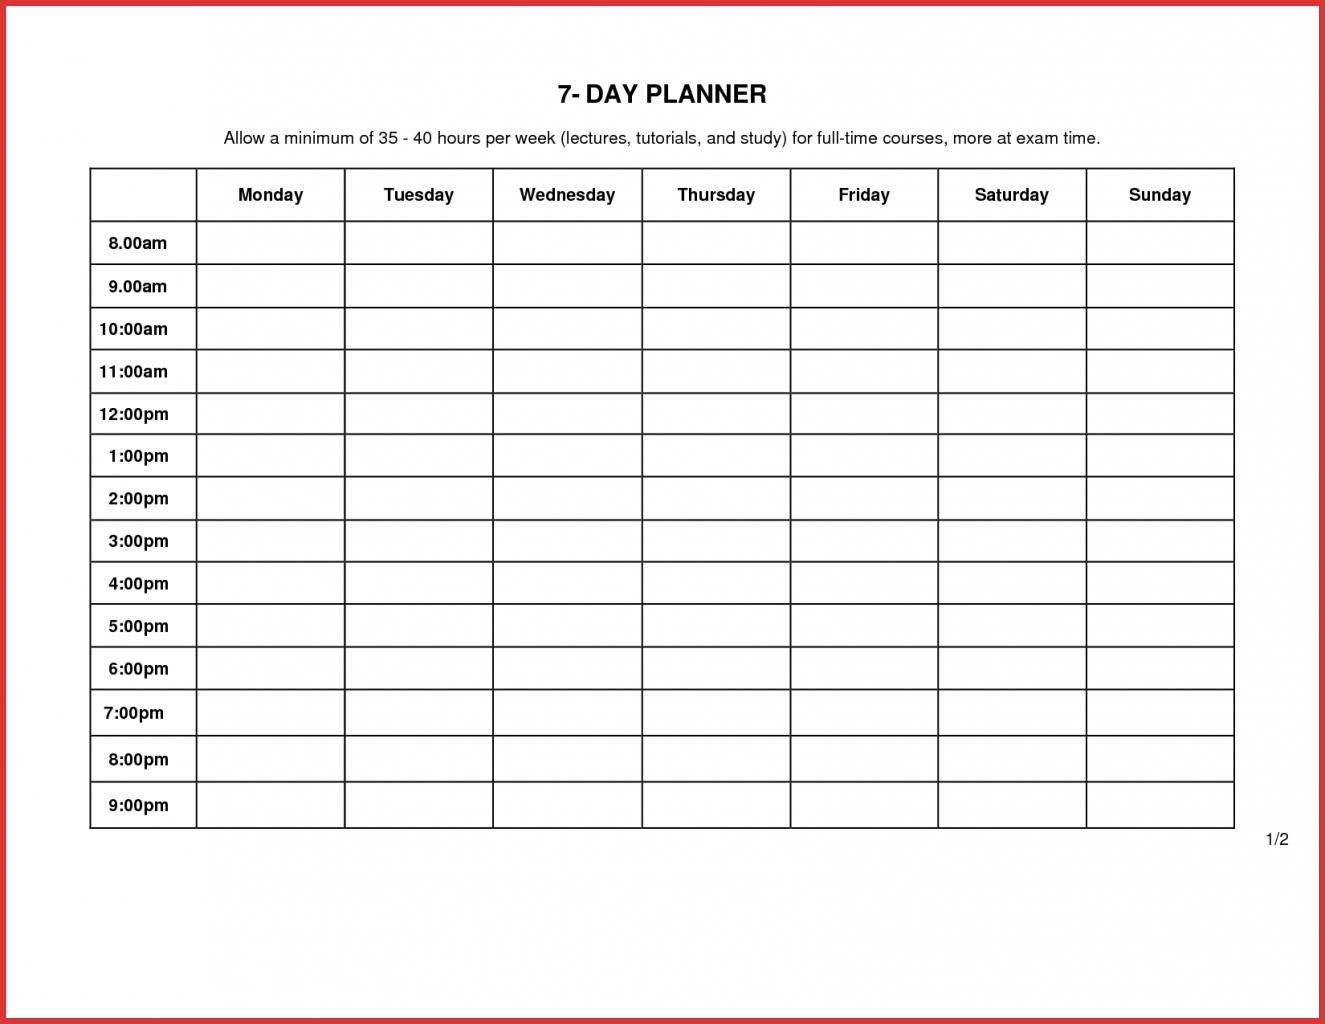 Blank Weekly Planner Shefftunes Tk Ay Template Printable Menu Word regarding 7-Day Weekly Planner Template Printable